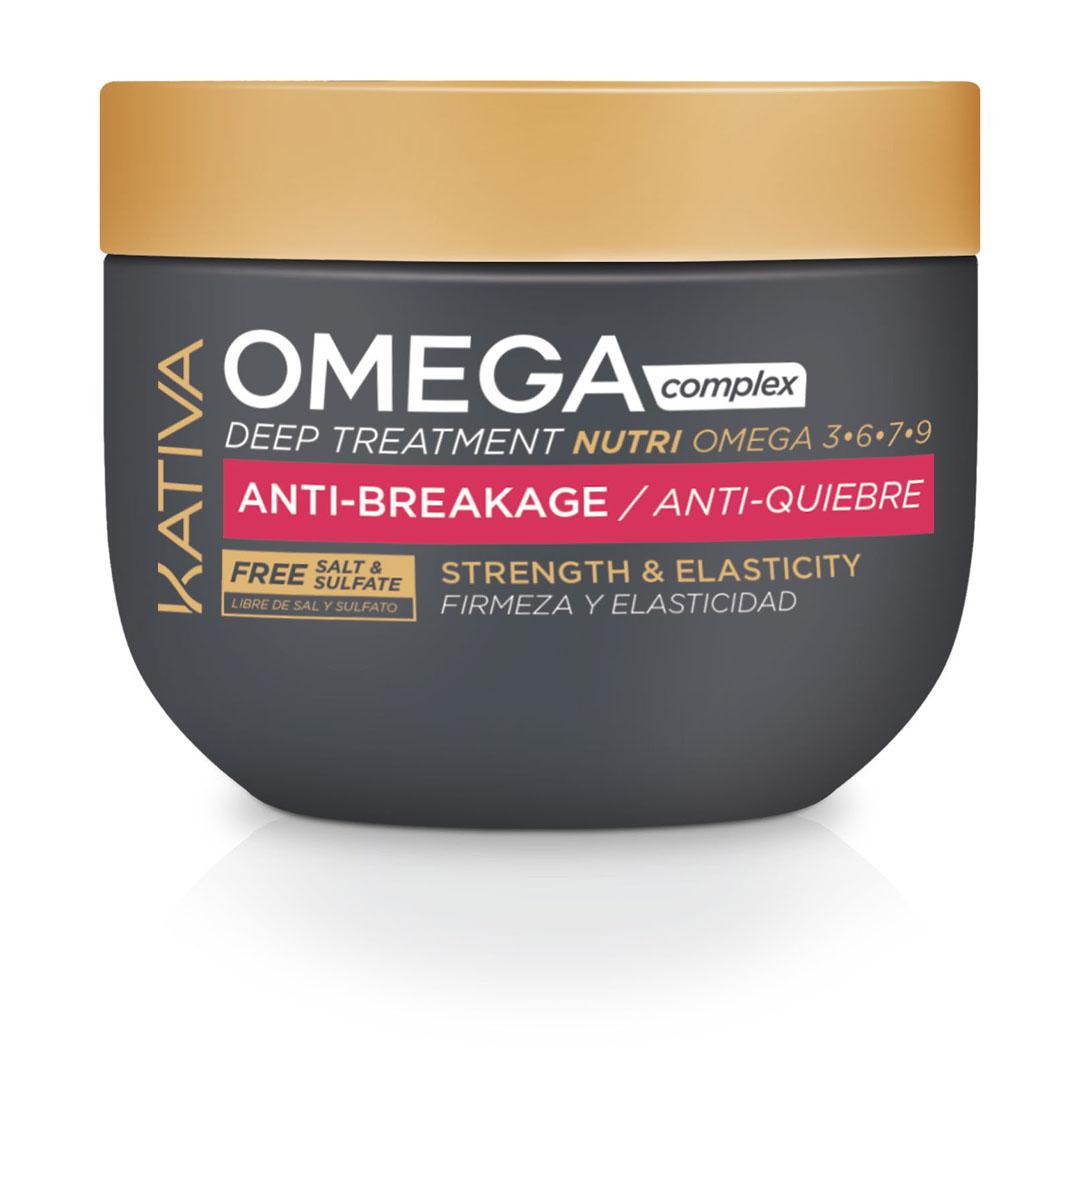 Kativa Маска для поврежденных волос OMEGA COMPLEXFS-00103Питательная маскаKativa для восстановления поврежденных волос содержит комплекс омега-кислот и аминокислоты. Особая формула маски помогает вернуть волосаместественную красоту, блеск и шелковистость.